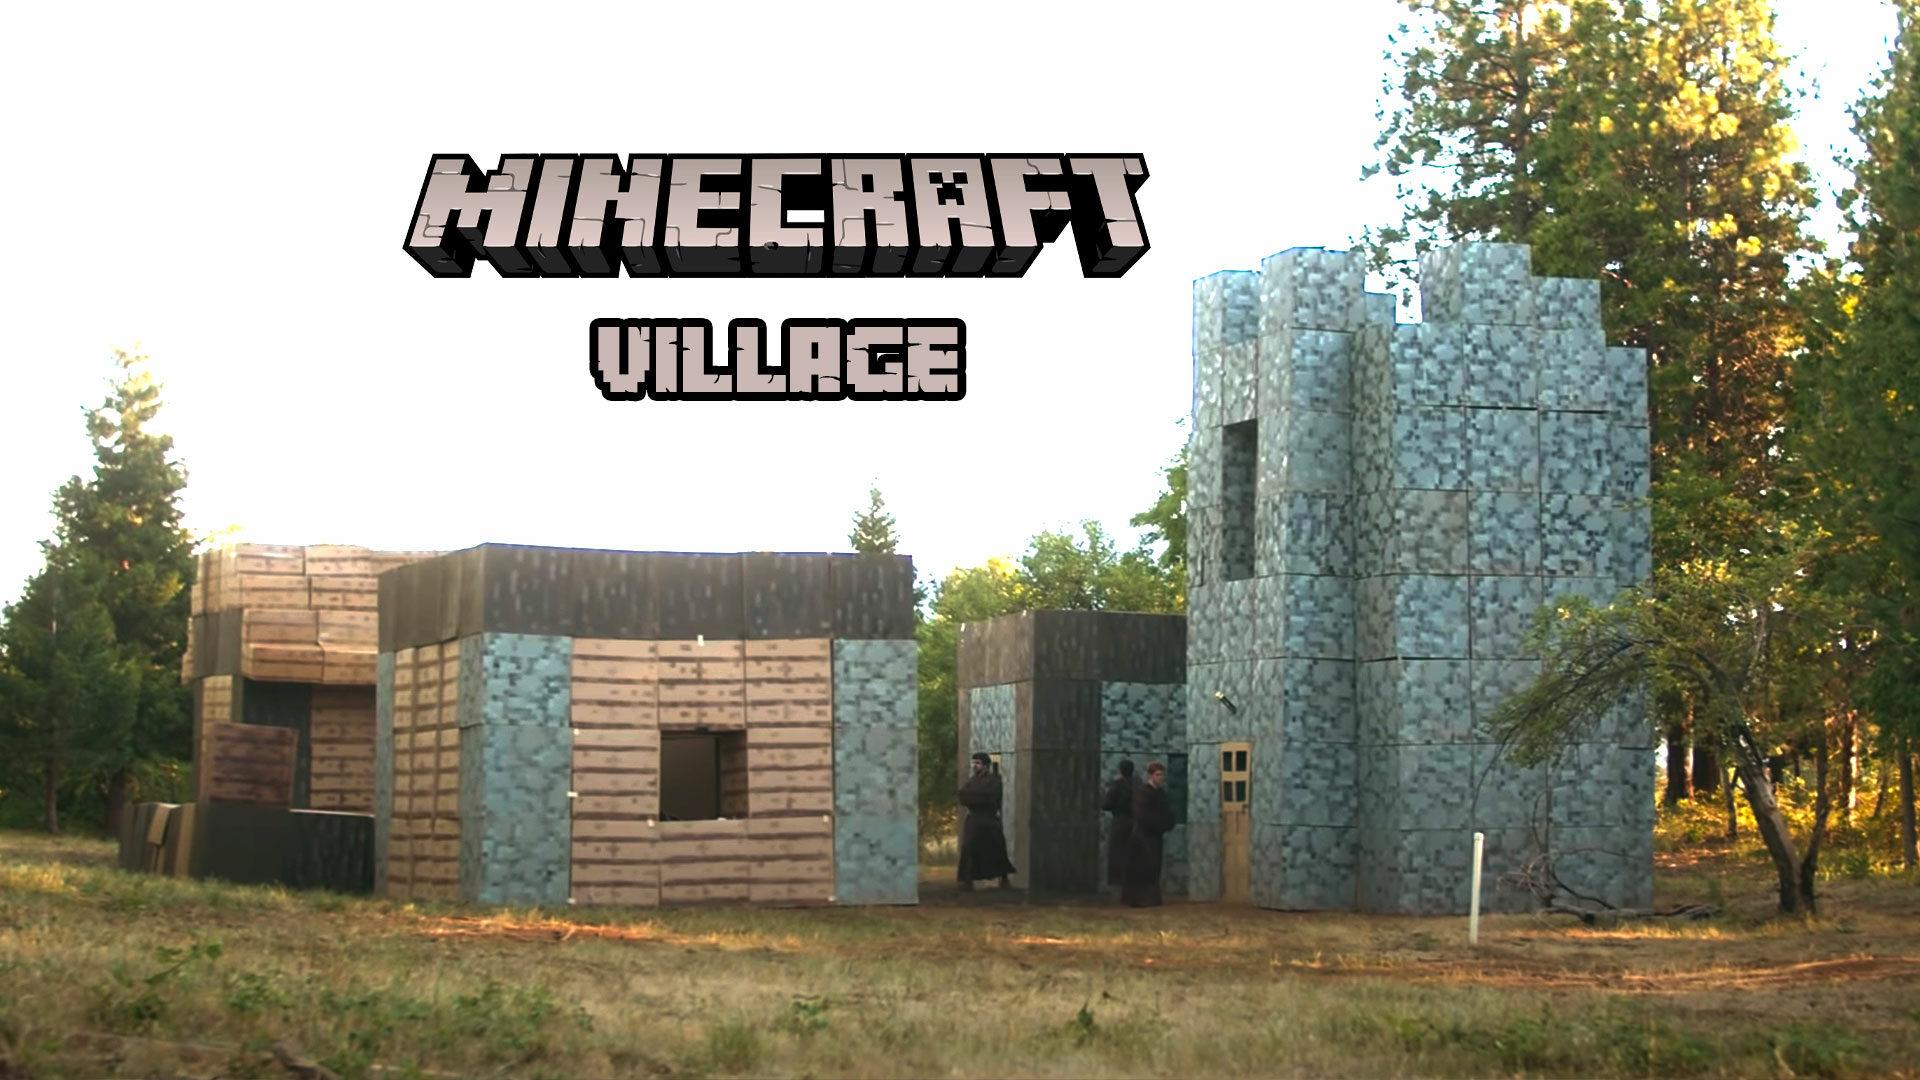 Ils construisent un village Minecraft IRL à partir de boites en carton.